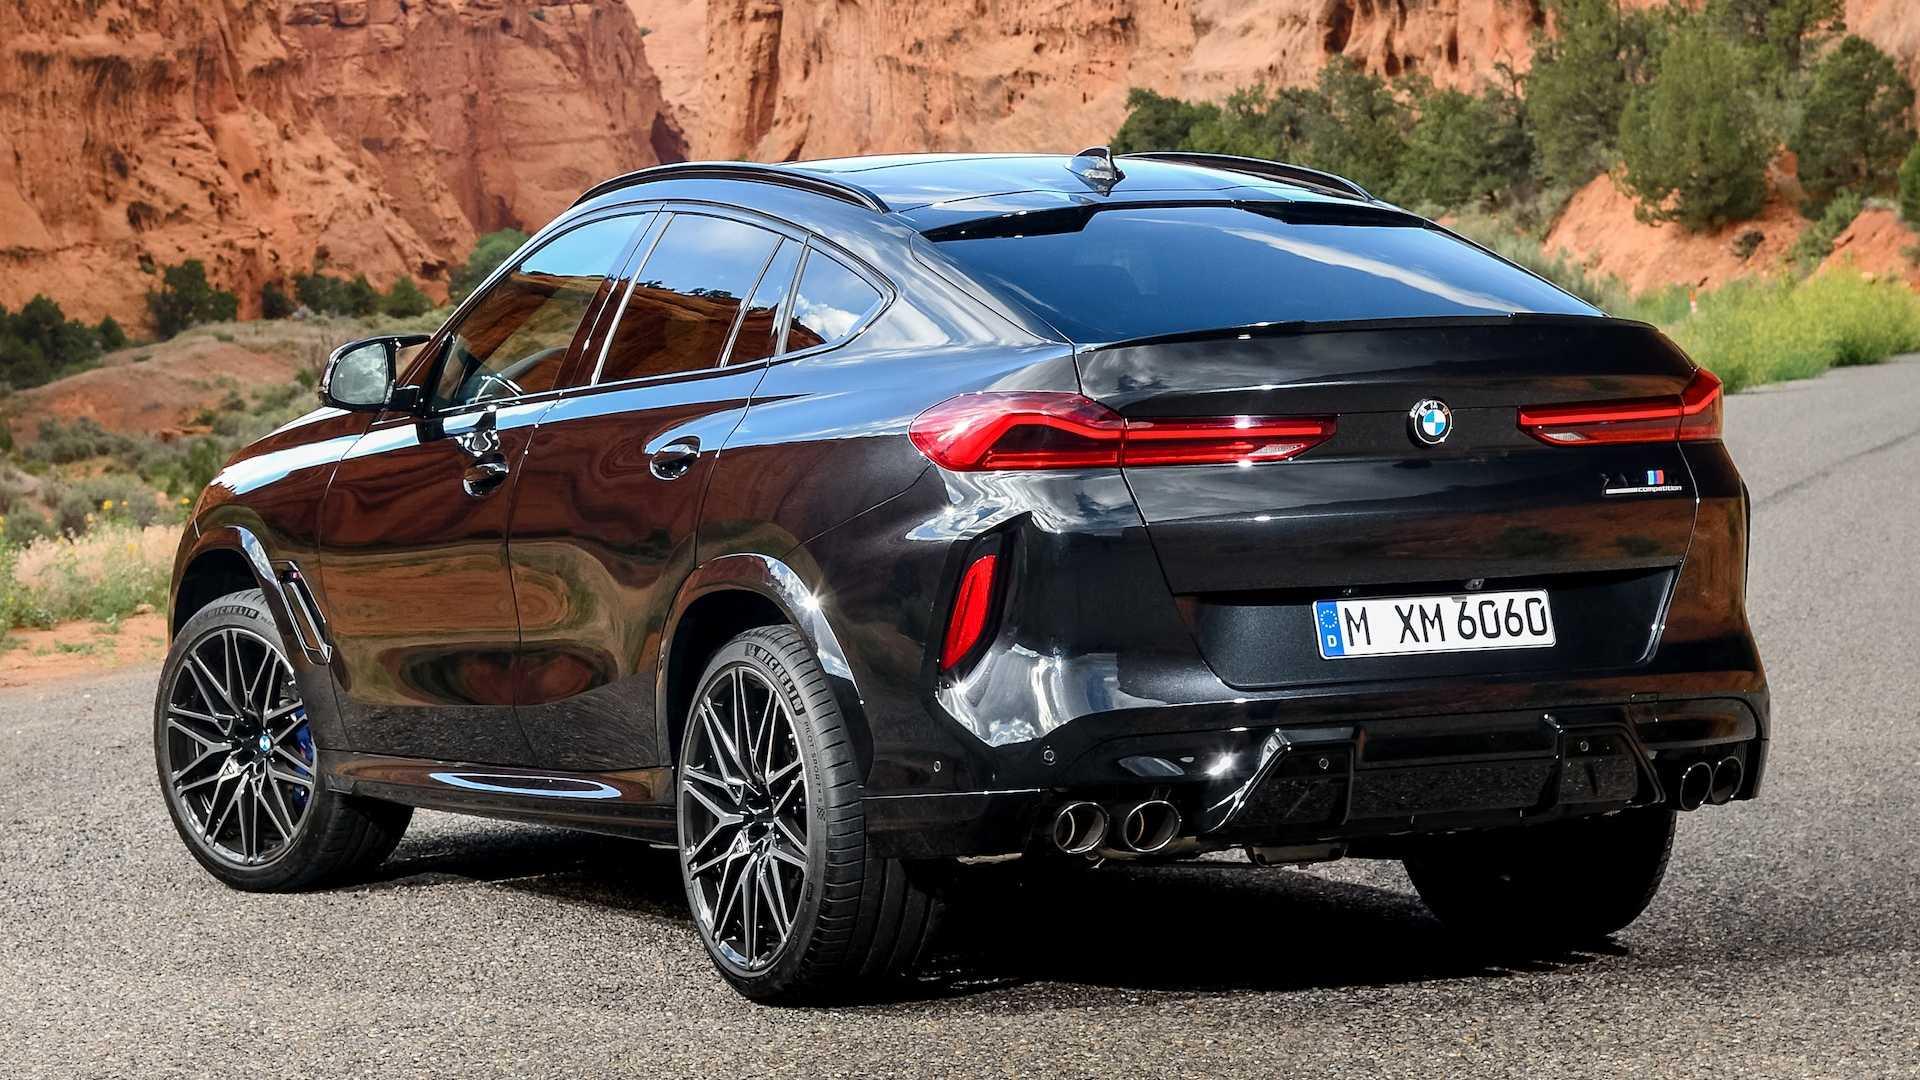 外观设计更具冲击力 全新宝马X6 M将于洛杉矶车展首发